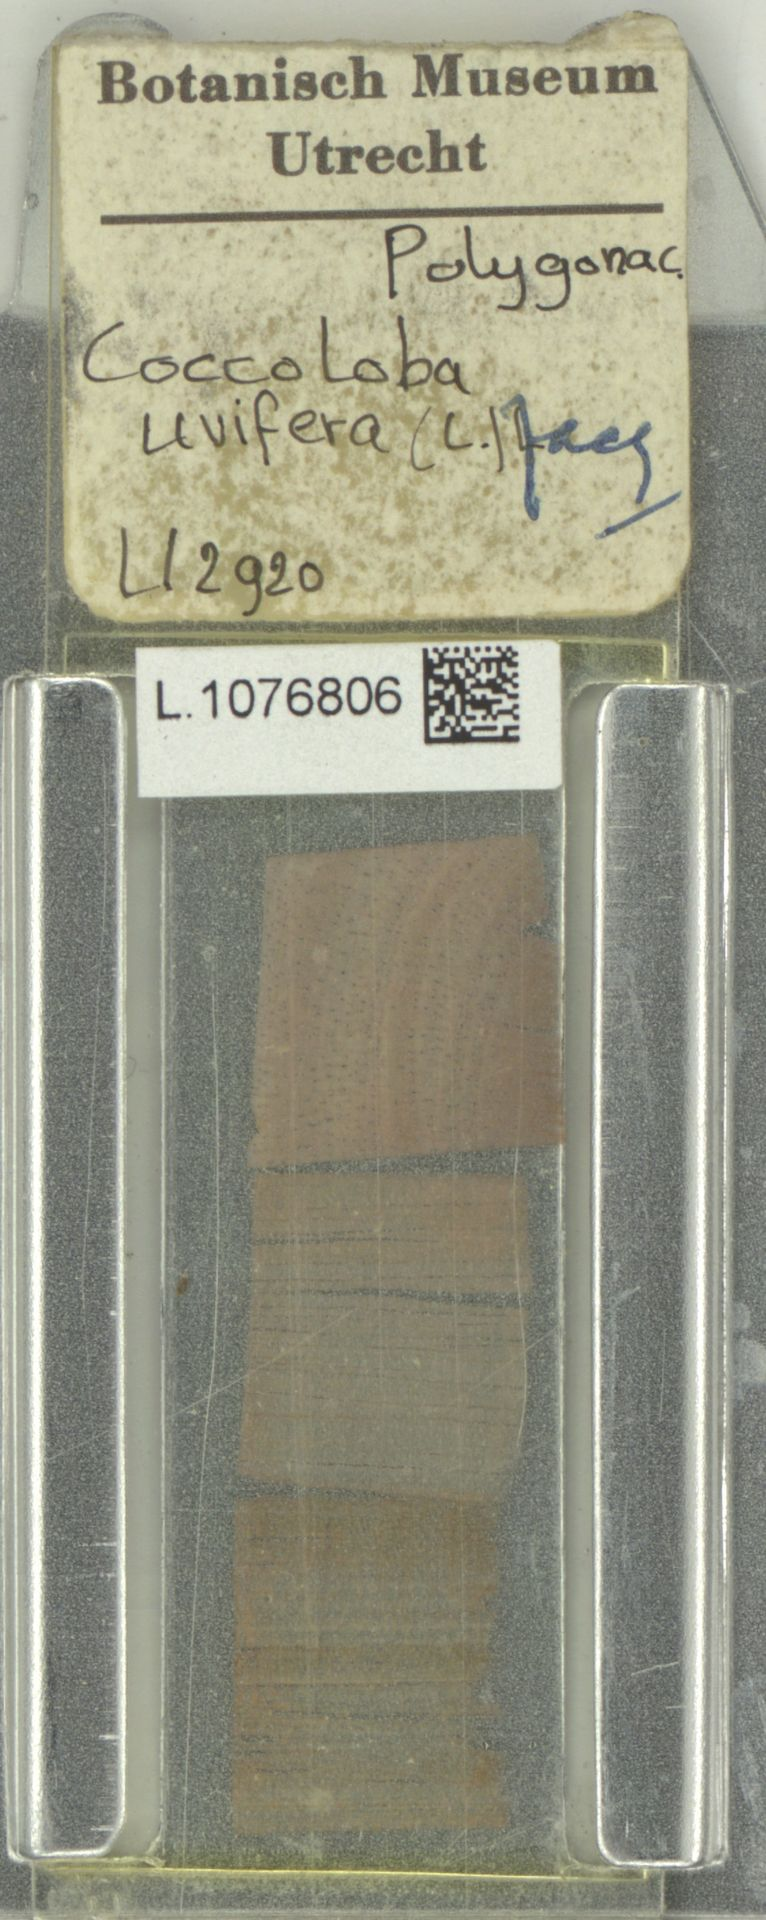 L.1076806 | Coccoloba uvifera (L.) L.